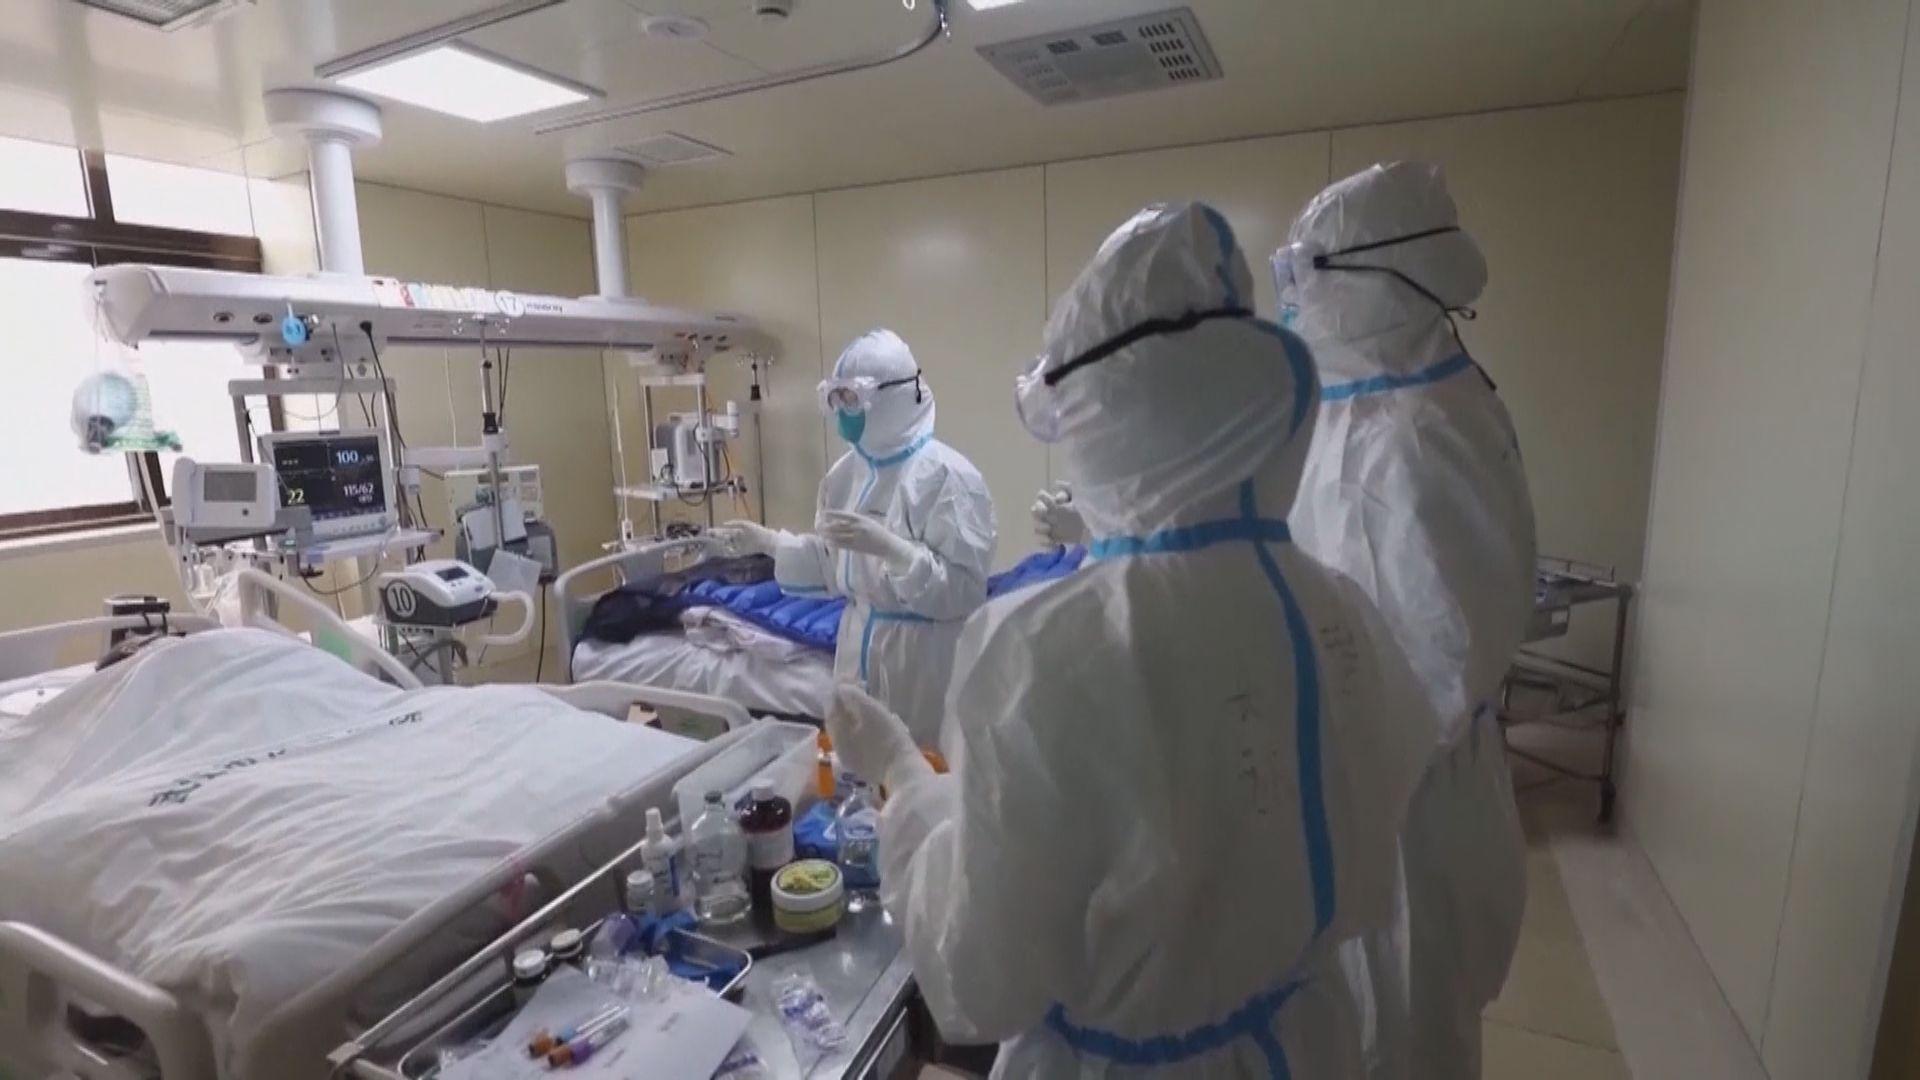 國家衞健委:七名先遣隊隊員周日到港 協助實驗室工作